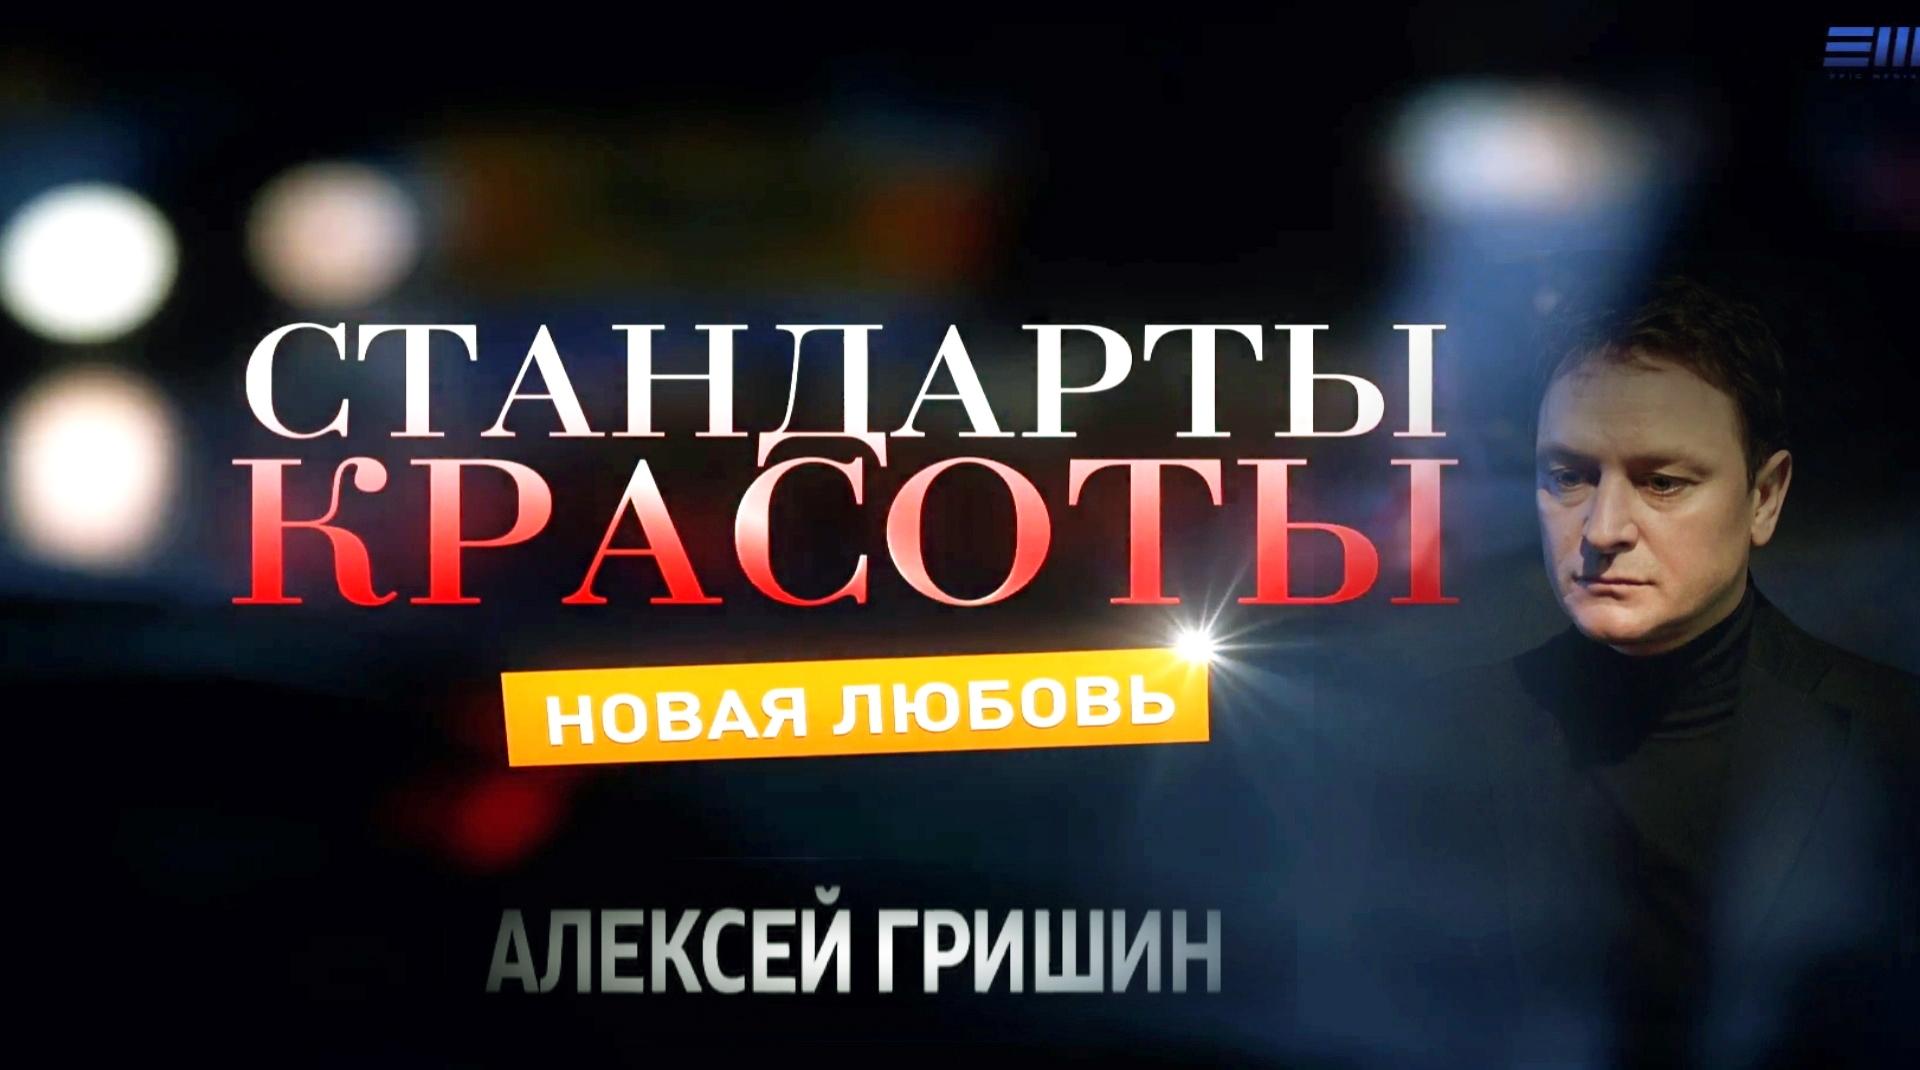 Фильмография сериал СТАНДАРТЫ КРАСОТЫ Новая любовь сайт ГРИШИН.РУ